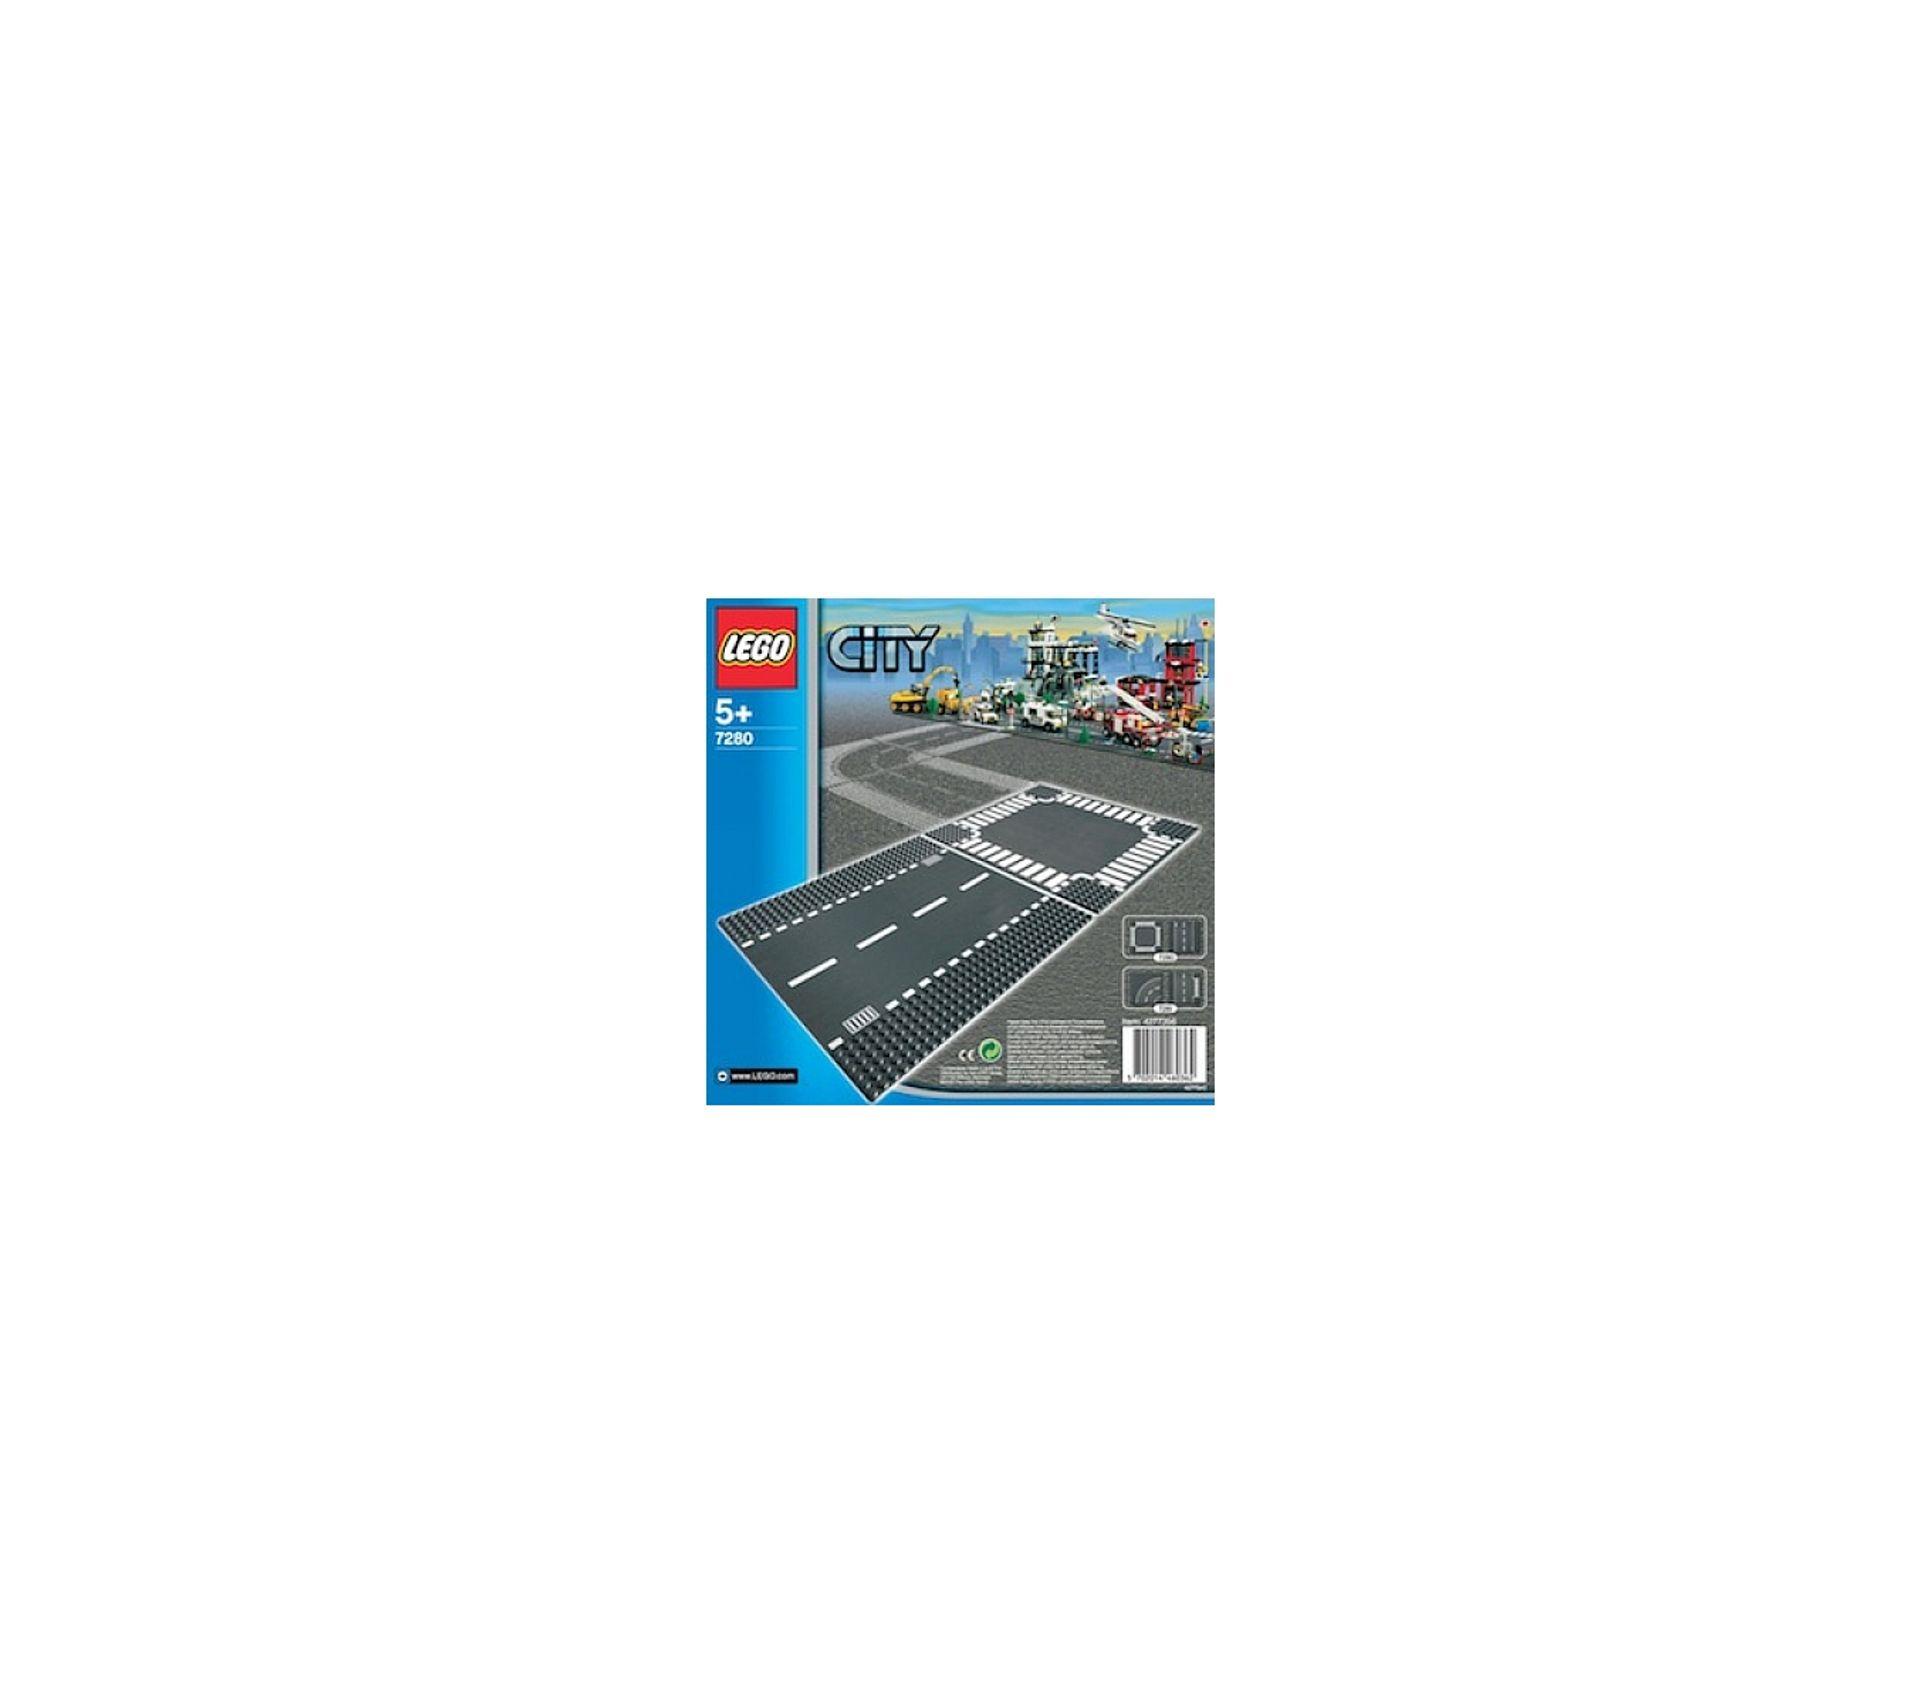 7280 Plaques De Route Ligne Droite Et Carrefour Legor City